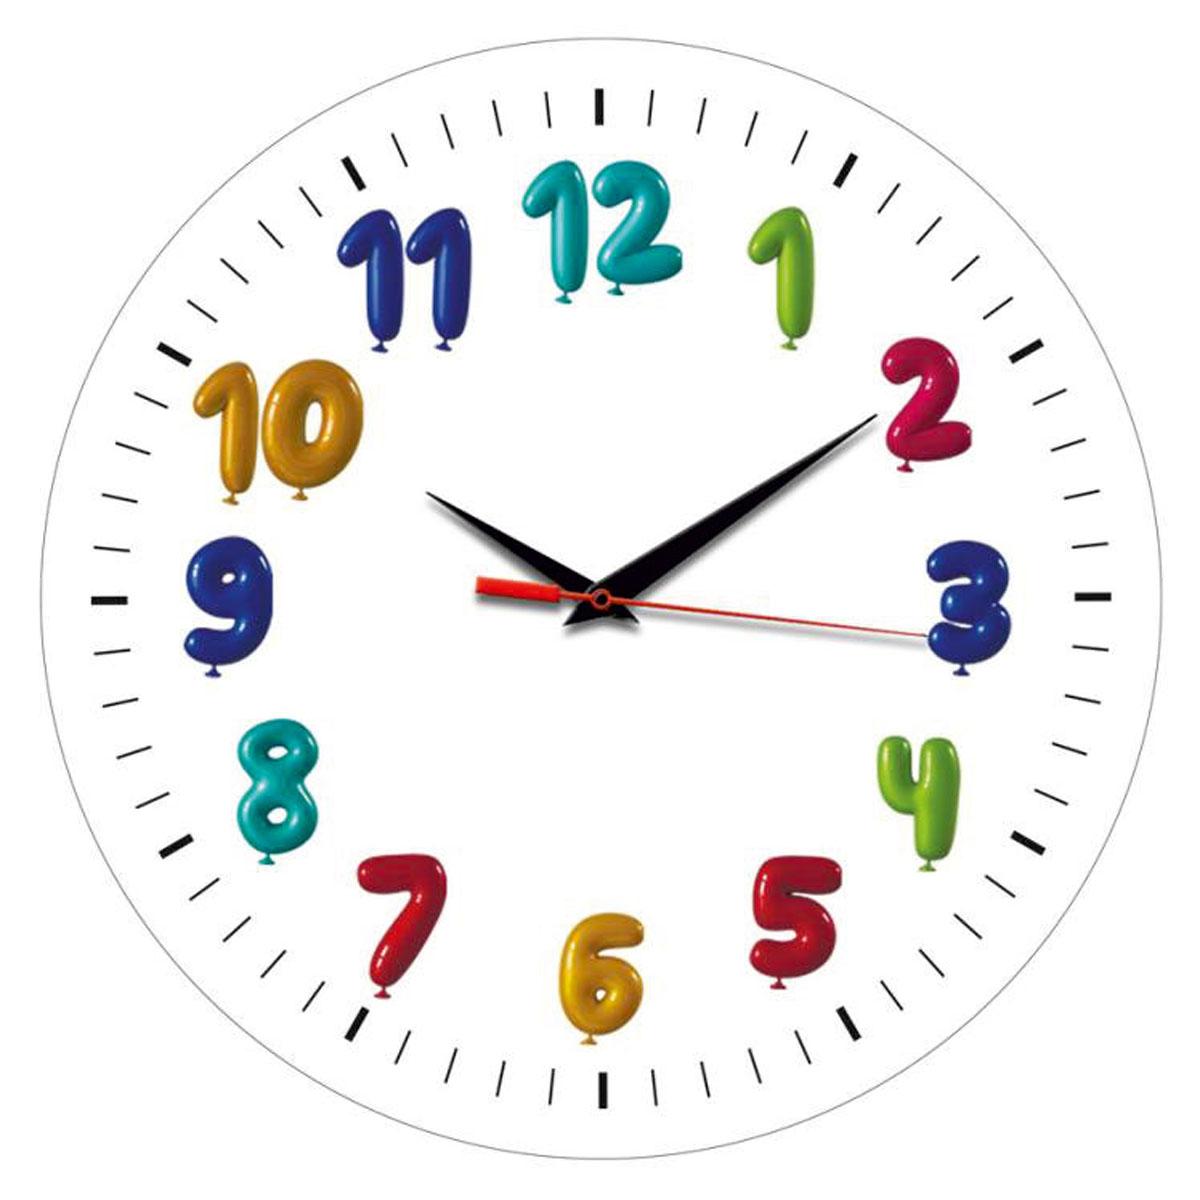 Часы настенные Miolla ДетиСК011 2443Оригинальные настенные часы круглой формы Miolla Дети выполнены из закаленного стекла. Часы имеют три стрелки - часовую, минутную и секундную. Необычное дизайнерское решение и качество исполнения придутся по вкусу каждому. Оформите свой дом таким интерьерным аксессуаром или преподнесите его в качестве презента друзьям, и они оценят ваш оригинальный вкус и неординарность подарка. Часы работают от 1 батарейки типа АА напряжением 1,5 В. Диаметр часов: 28 см.